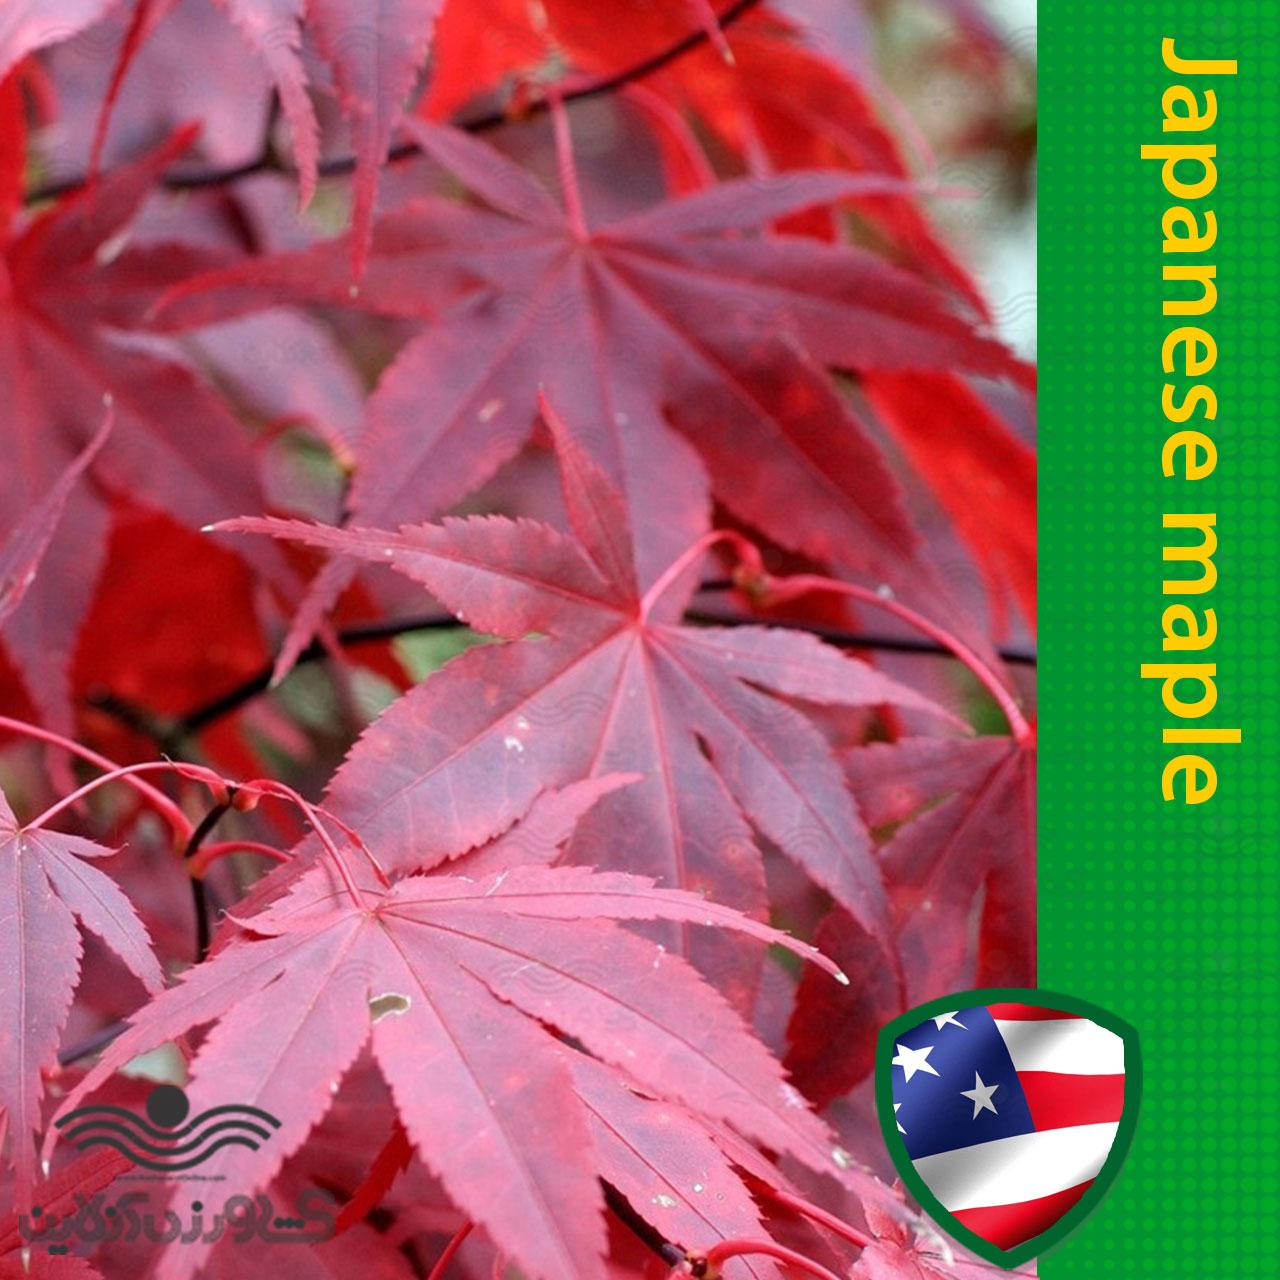 بذر افرا ژاپنی